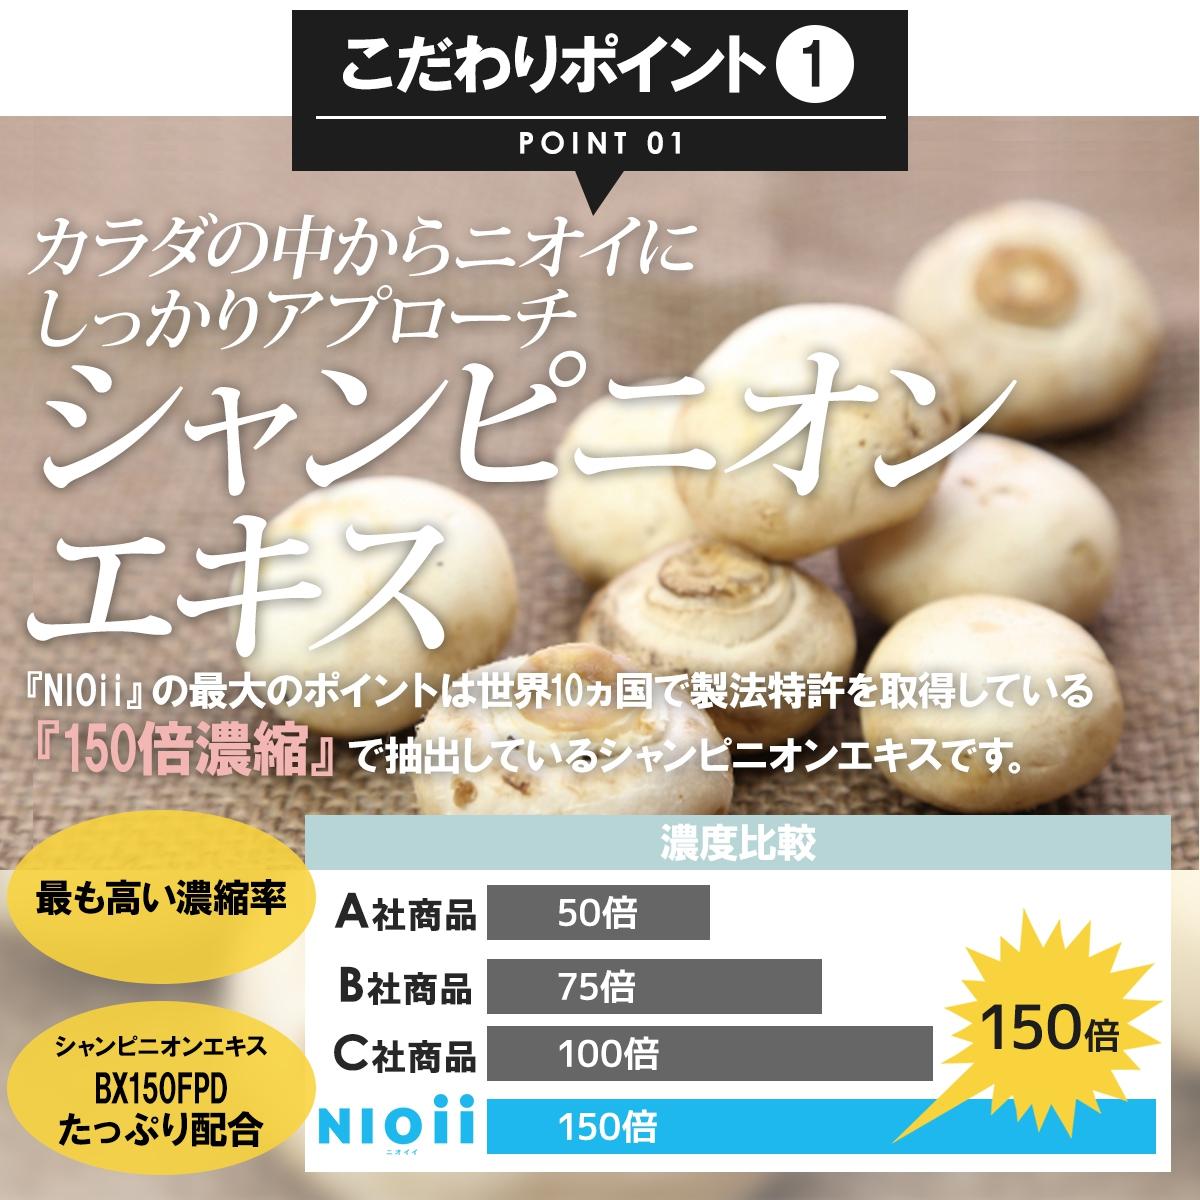 Mujina(ムジナ) NIOii ニオイイの商品画像11